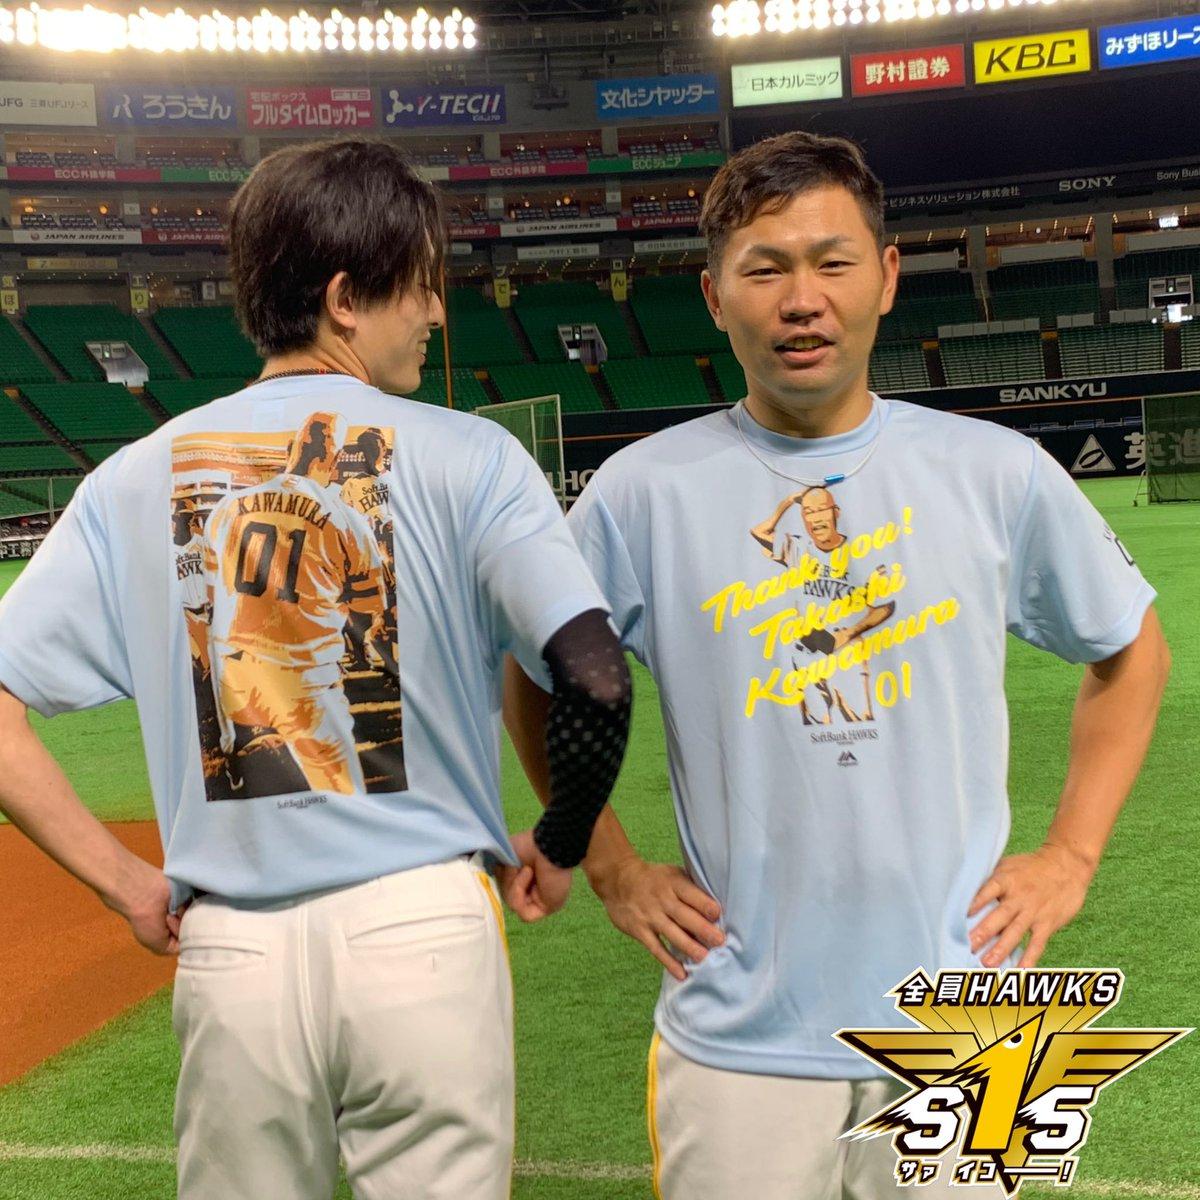 今日は、川村さんTシャツで練習!みんなで作りました。みんなの想い、届きますように(*^^*)#sbhawks